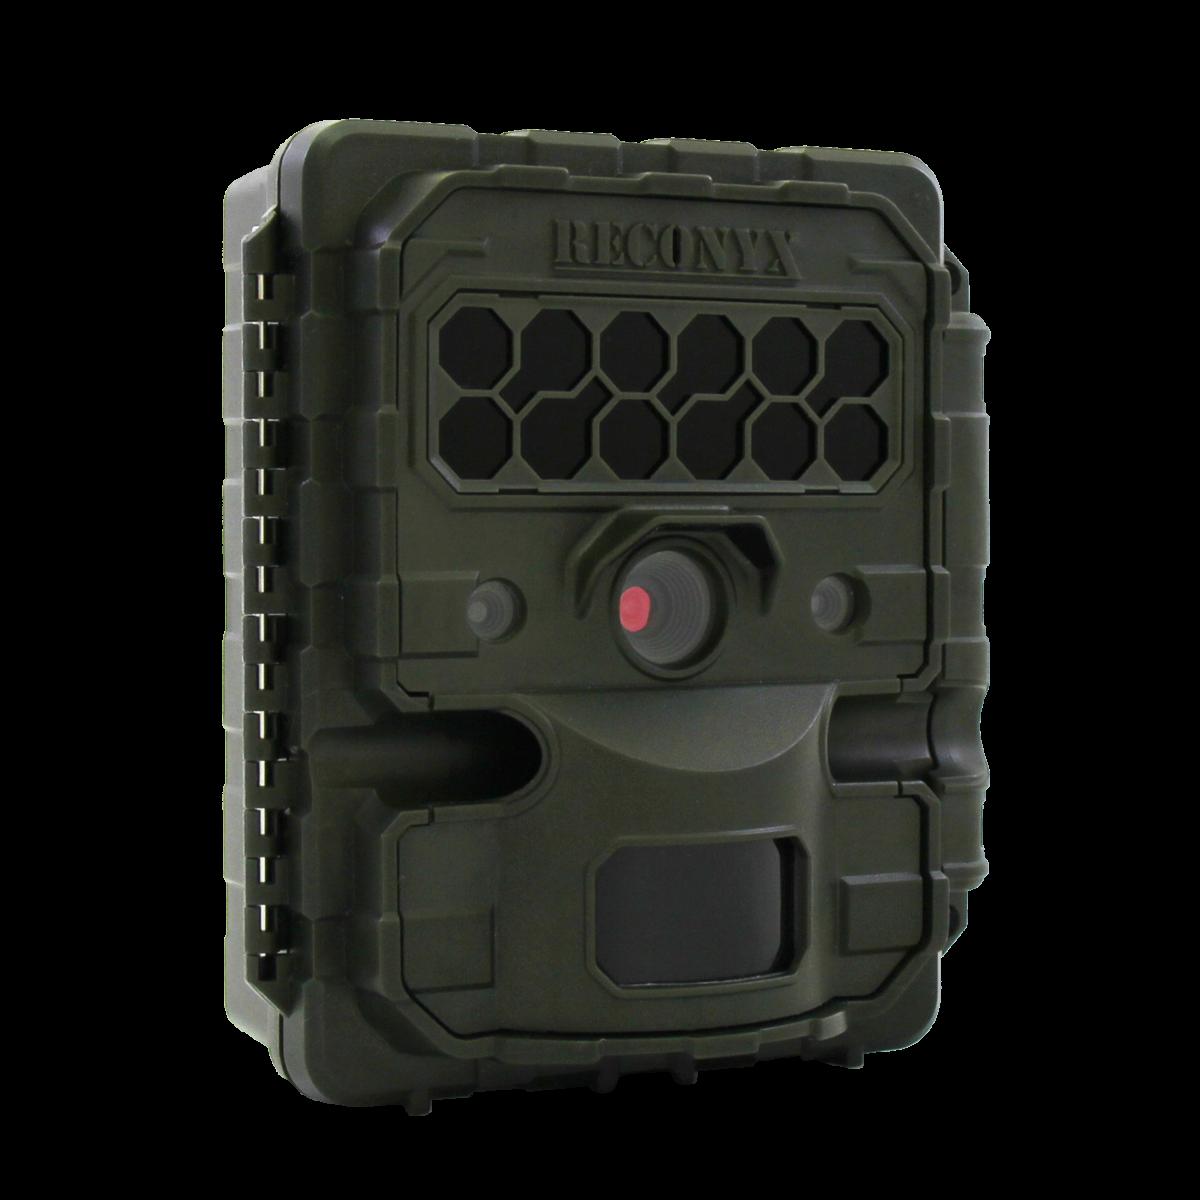 Reconyx HC600